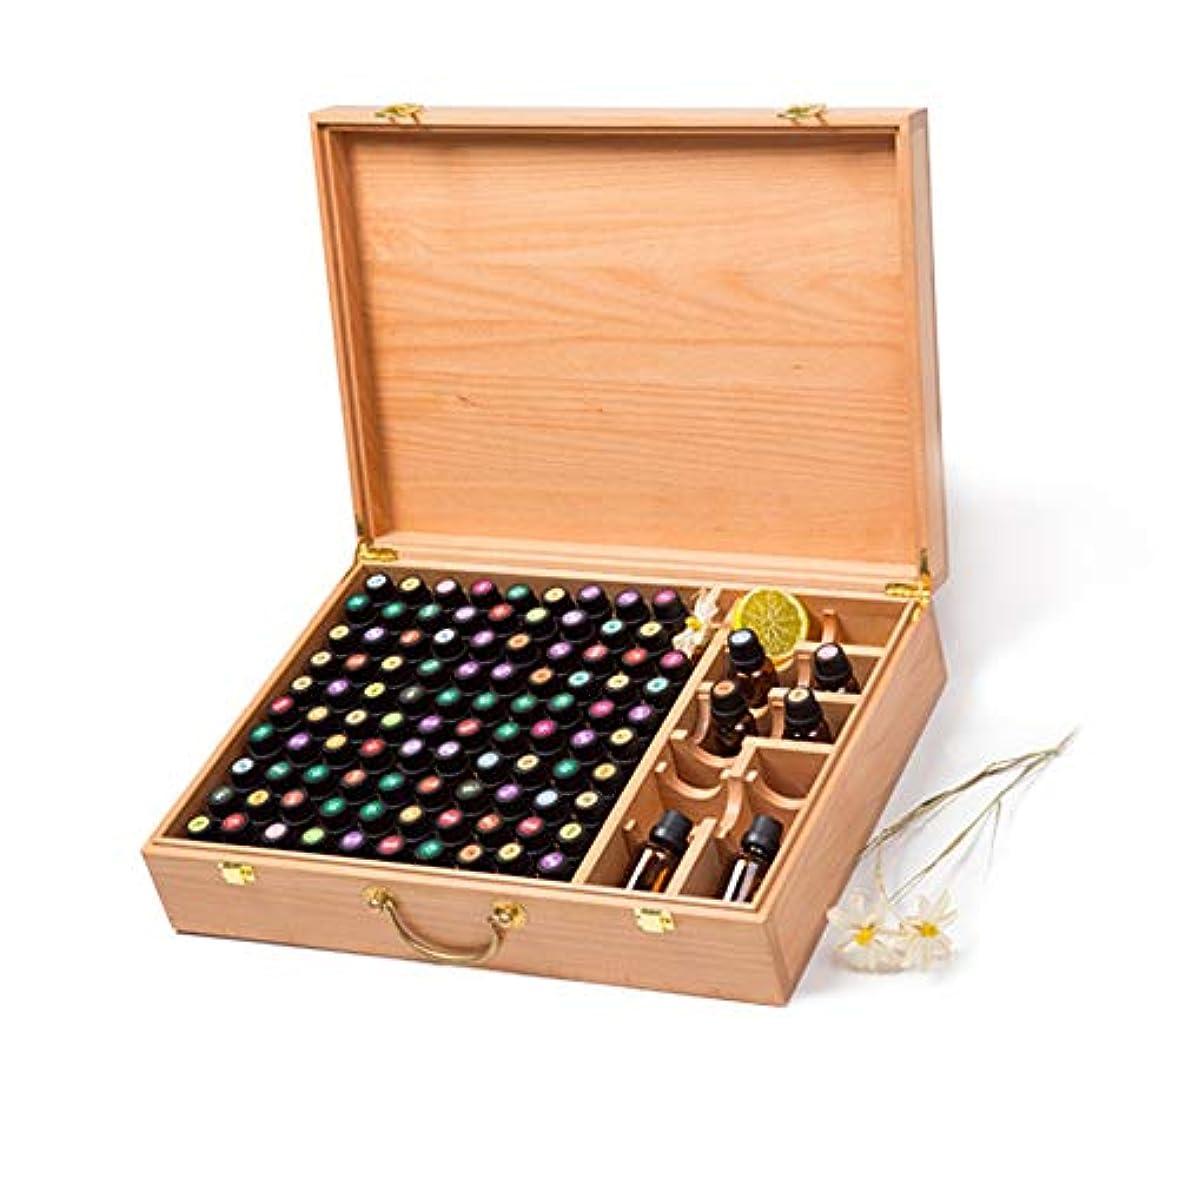 精油ケース 手作りの木製エッセンシャルオイルハンドル付きストレージボックスパーフェクトエッセンシャルオイルケースが100の油のボトルを保持します 携帯便利 (色 : Natural, サイズ : 44X31.5X10.5CM)